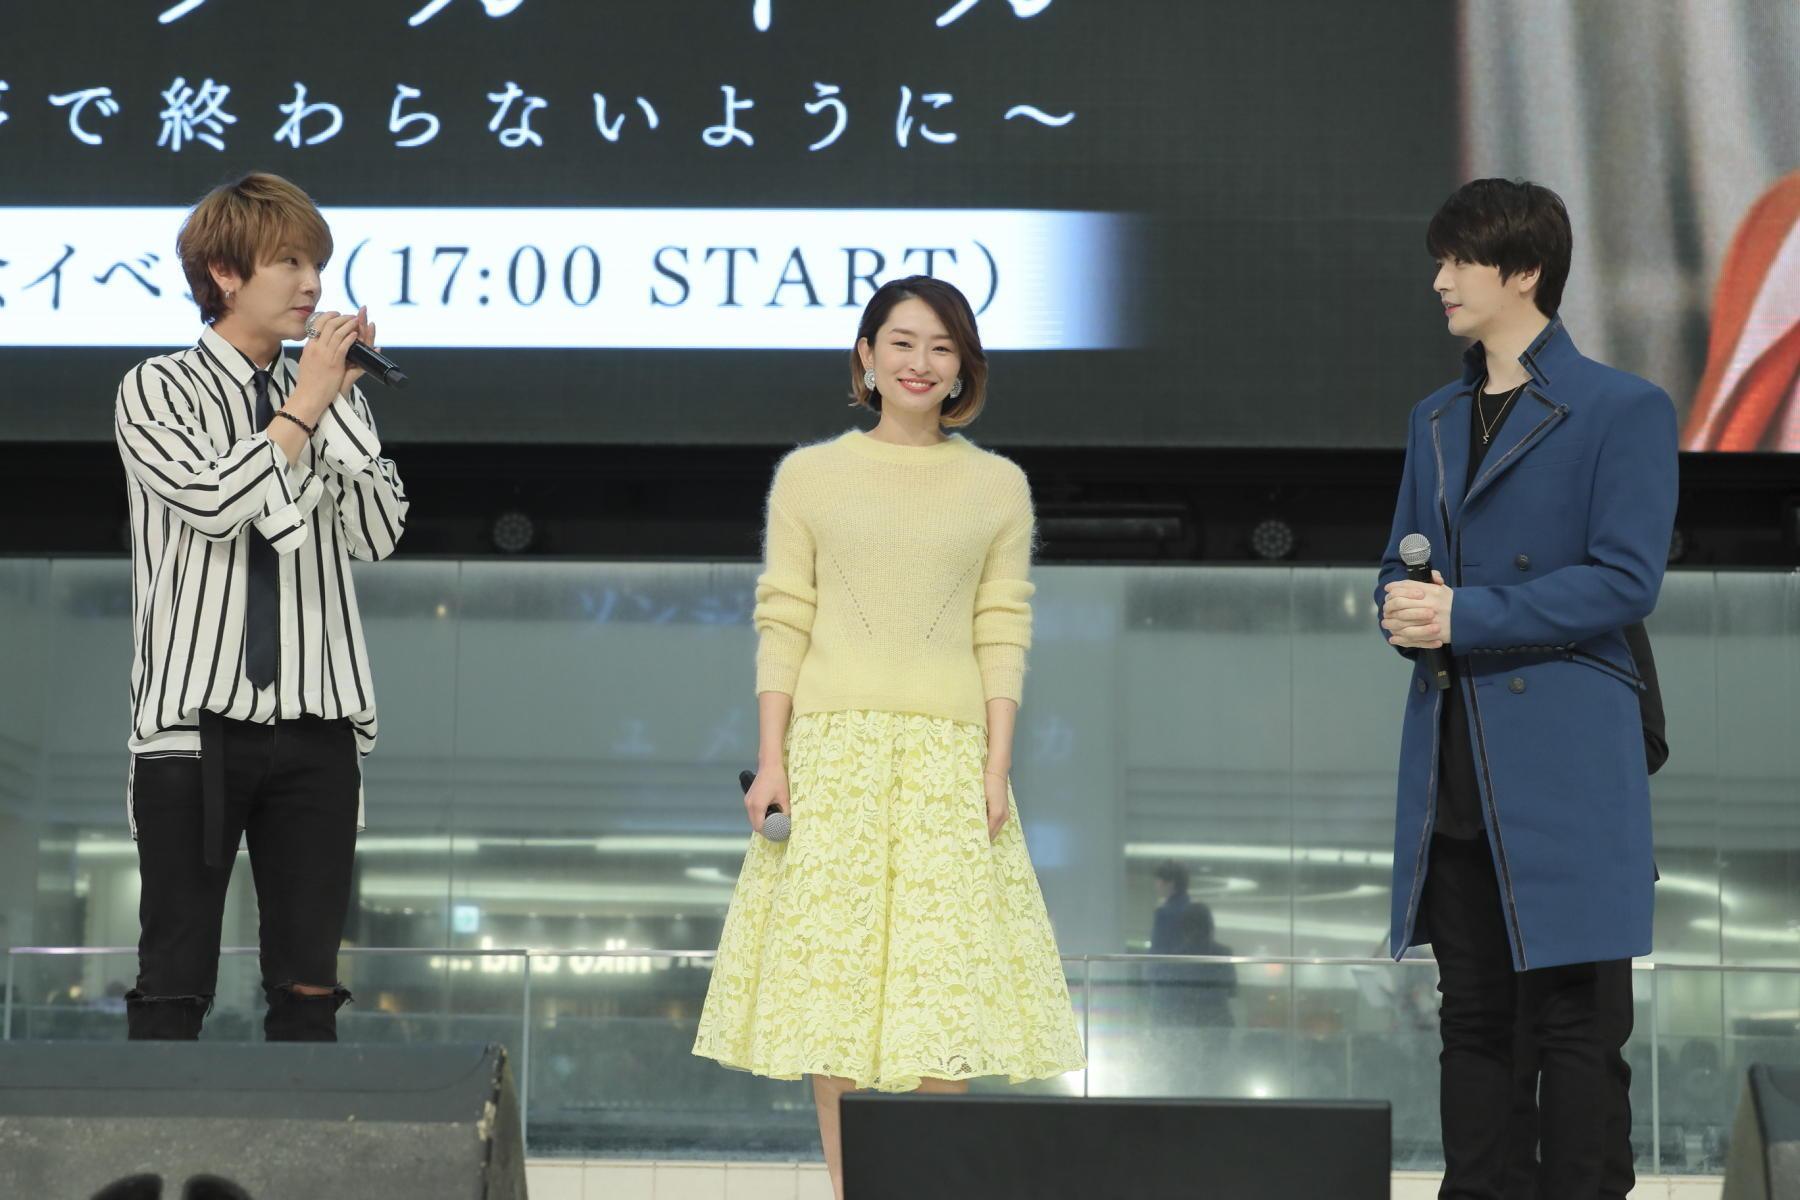 http://news.yoshimoto.co.jp/20180309090321-8f8a69ca1e4517eb3c48b310b15f95b745830394.jpg